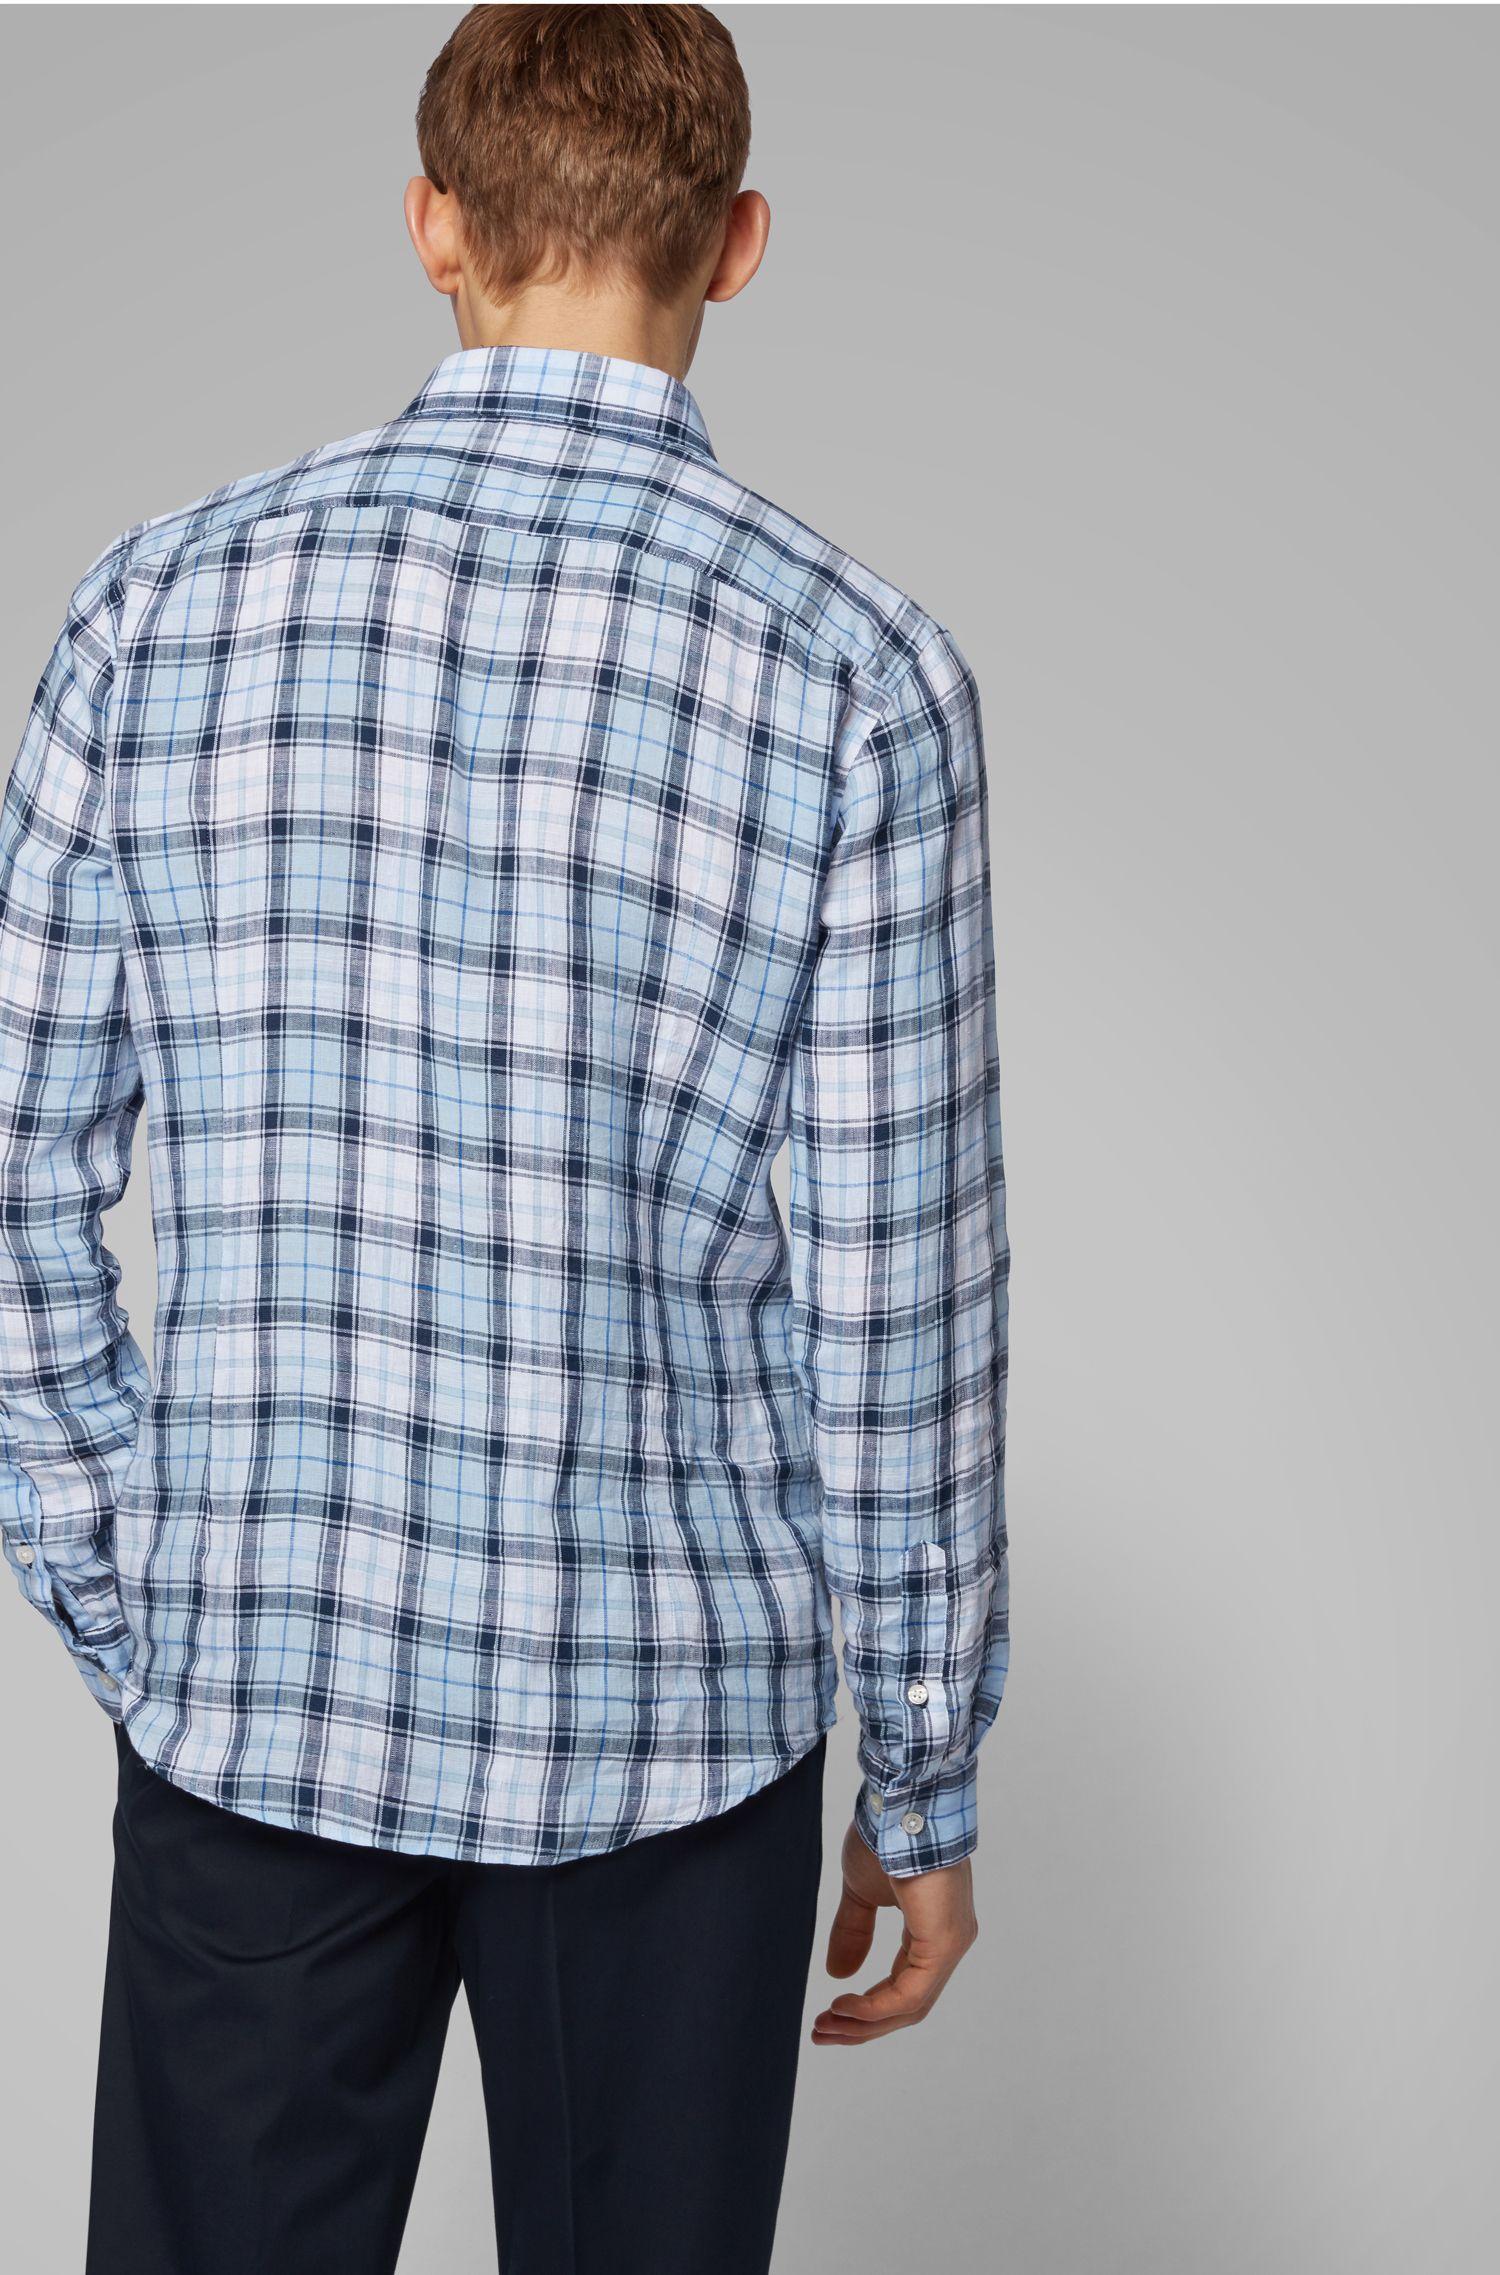 Slim-Fit Hemd aus Leinen mit exklusivem Karo-Design, Hellblau